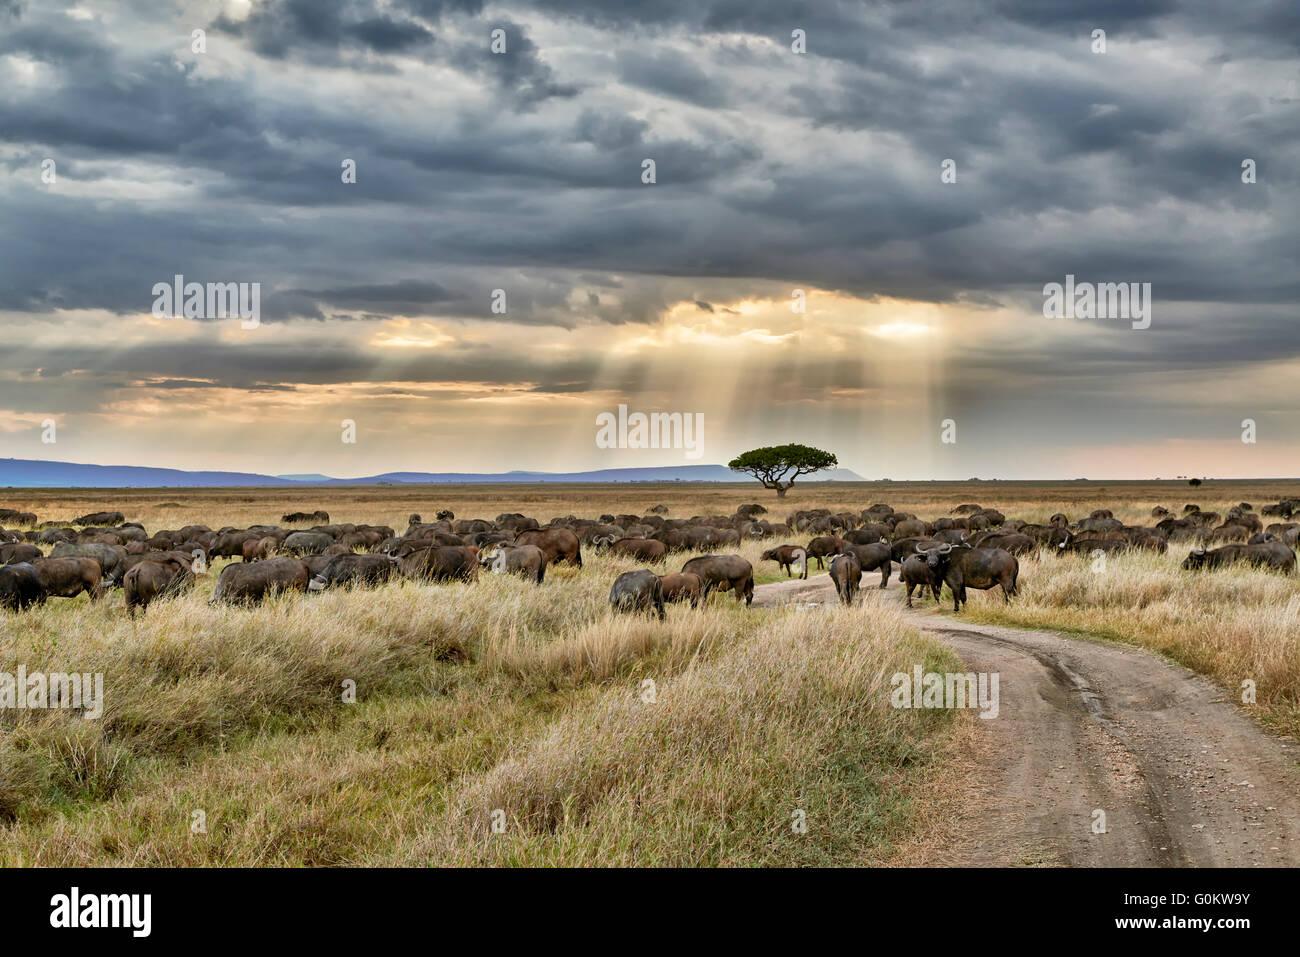 Troupeau de buffles d'Afrique (Syncerus caffer) au coucher du soleil dans le Parc National du Serengeti, UNESCO Photo Stock